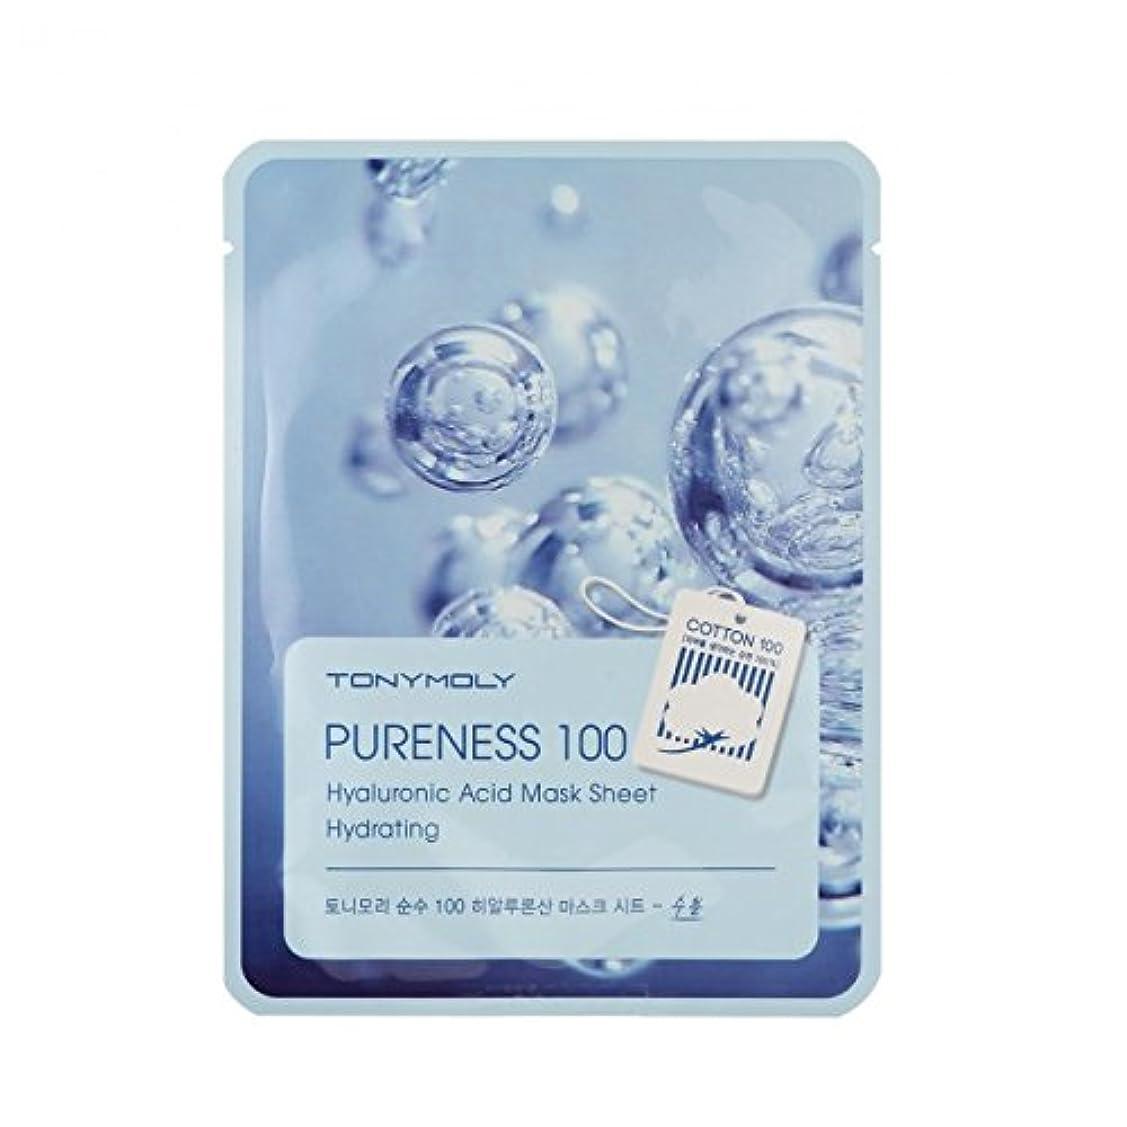 レンダー公使館ファイター(3 Pack) TONYMOLY Pureness 100 Hyaluronic Acid Mask Sheet Hydrating (並行輸入品)